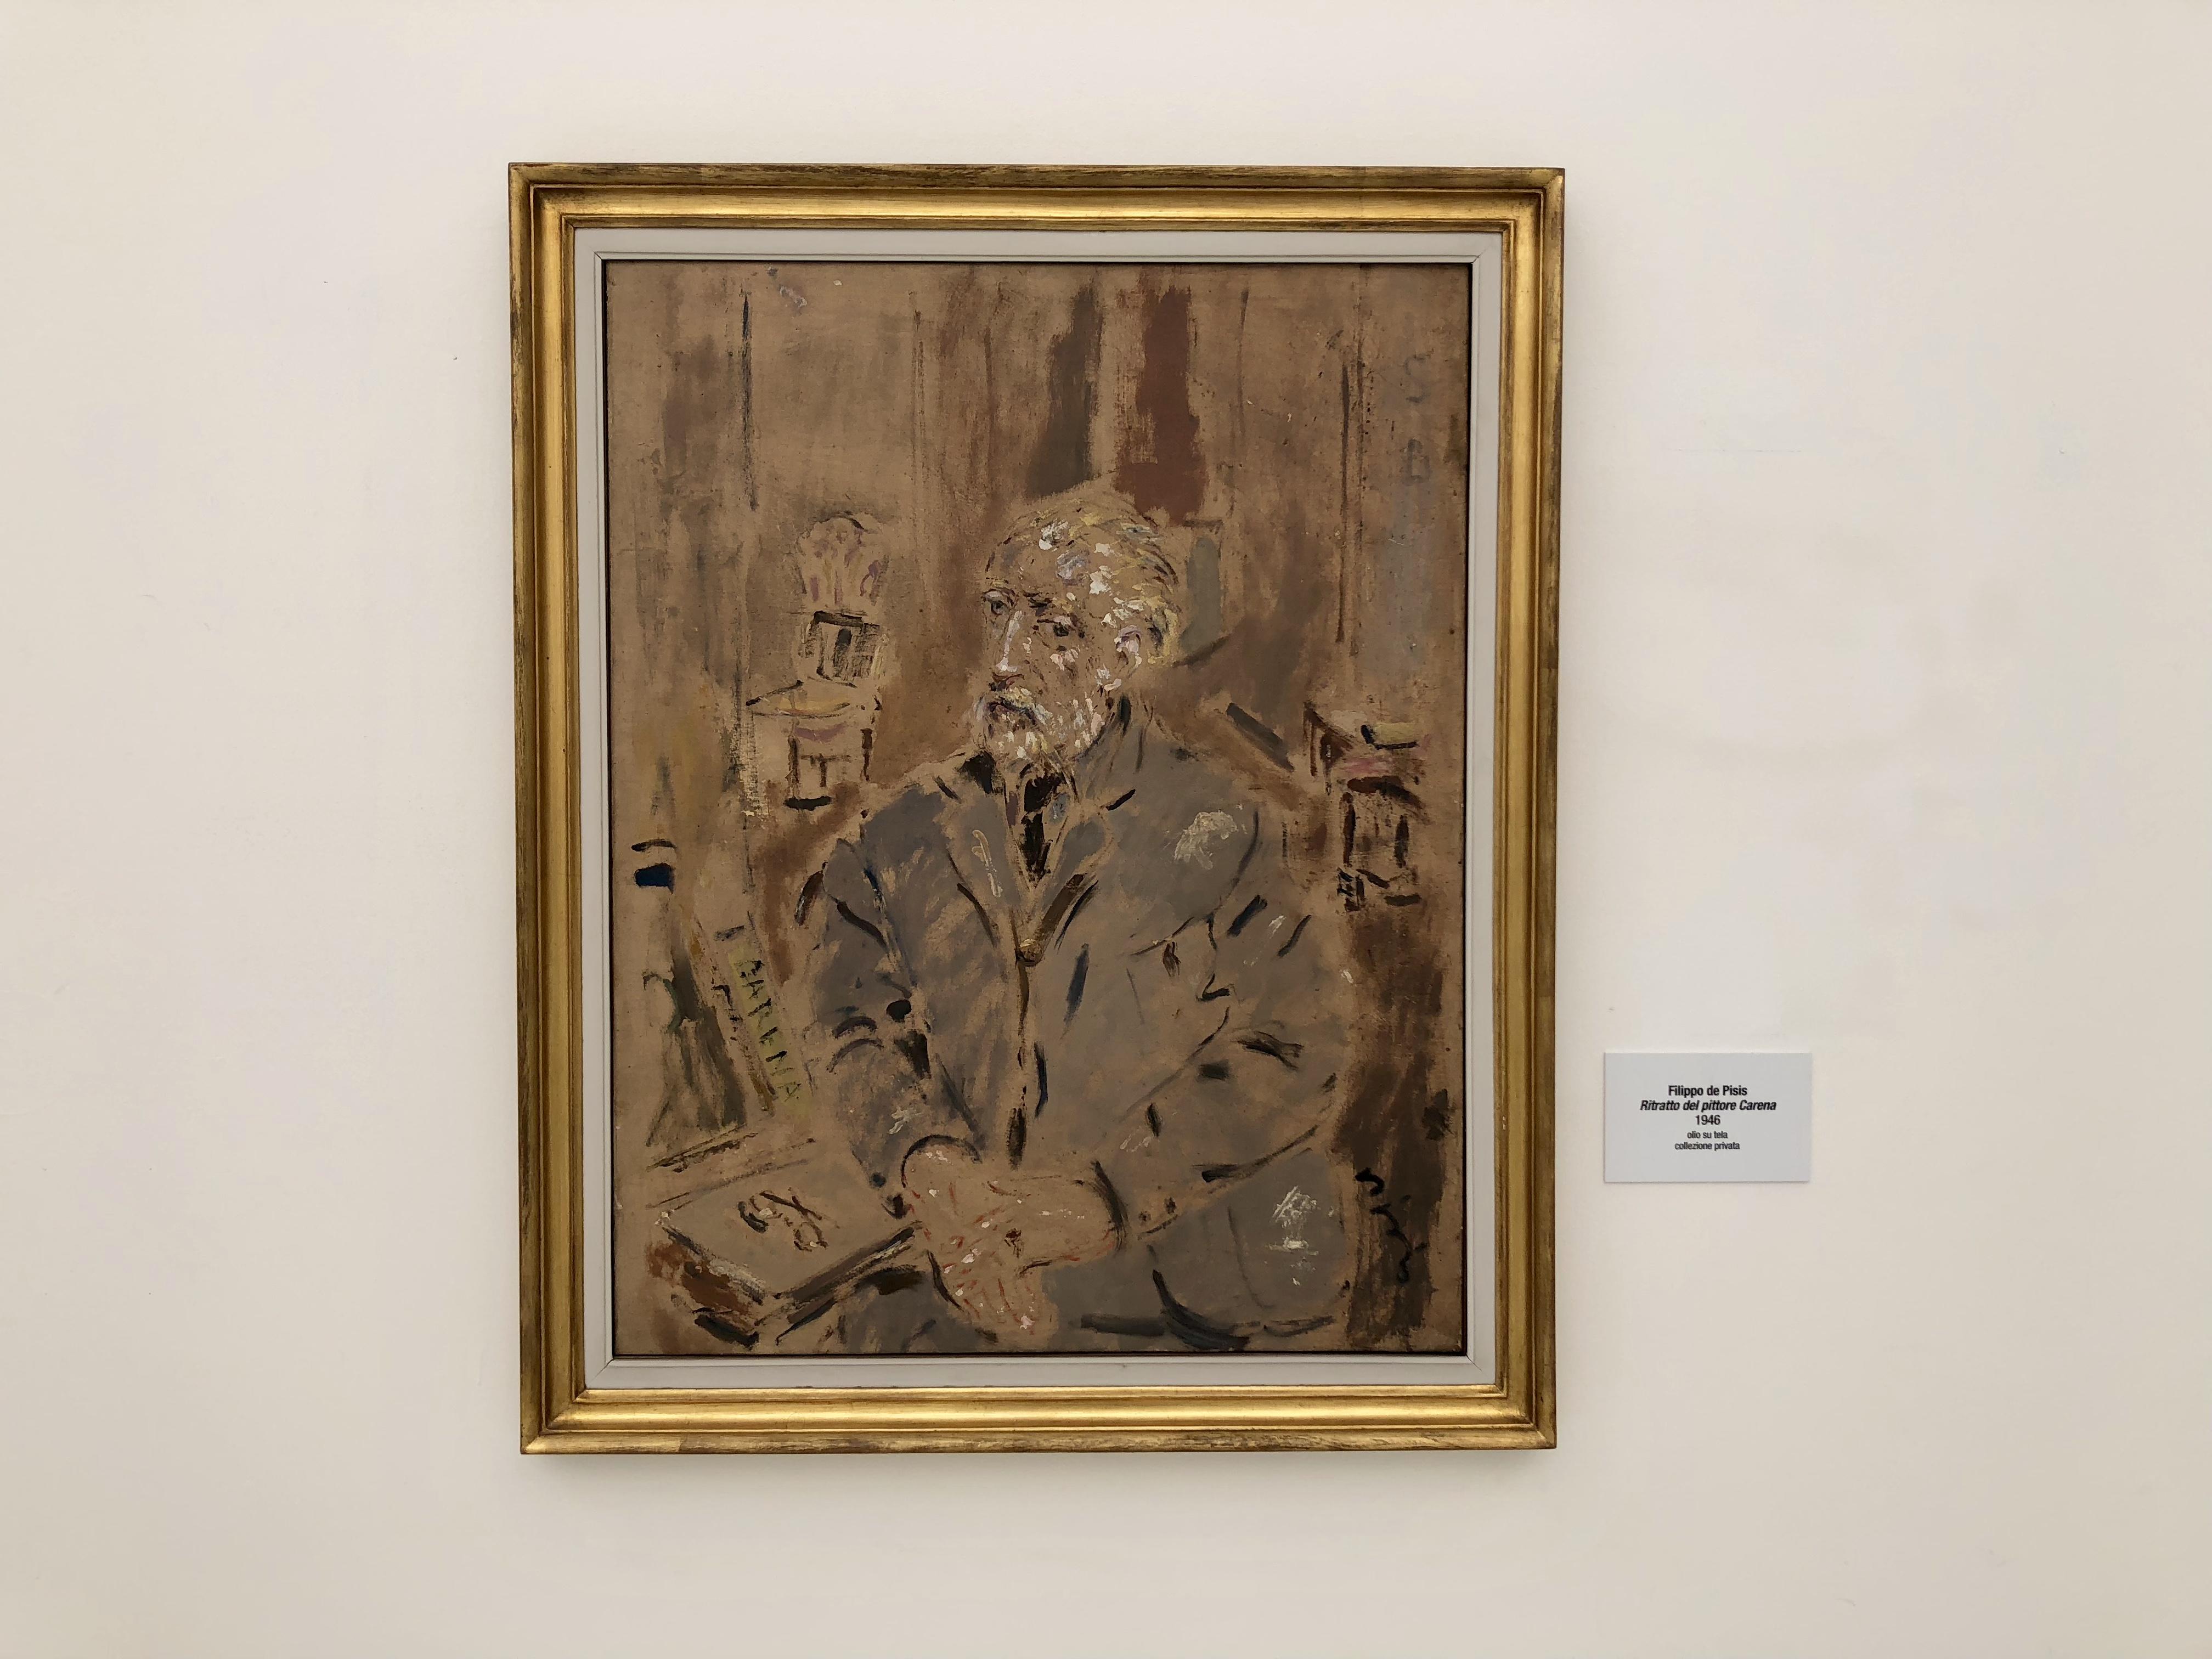 TalentiEventi_Filippo_De_Pisis_Eclettico_connoisseur_fra pittura_ musica_e_poesia_Museo_Ettore_Fico_29